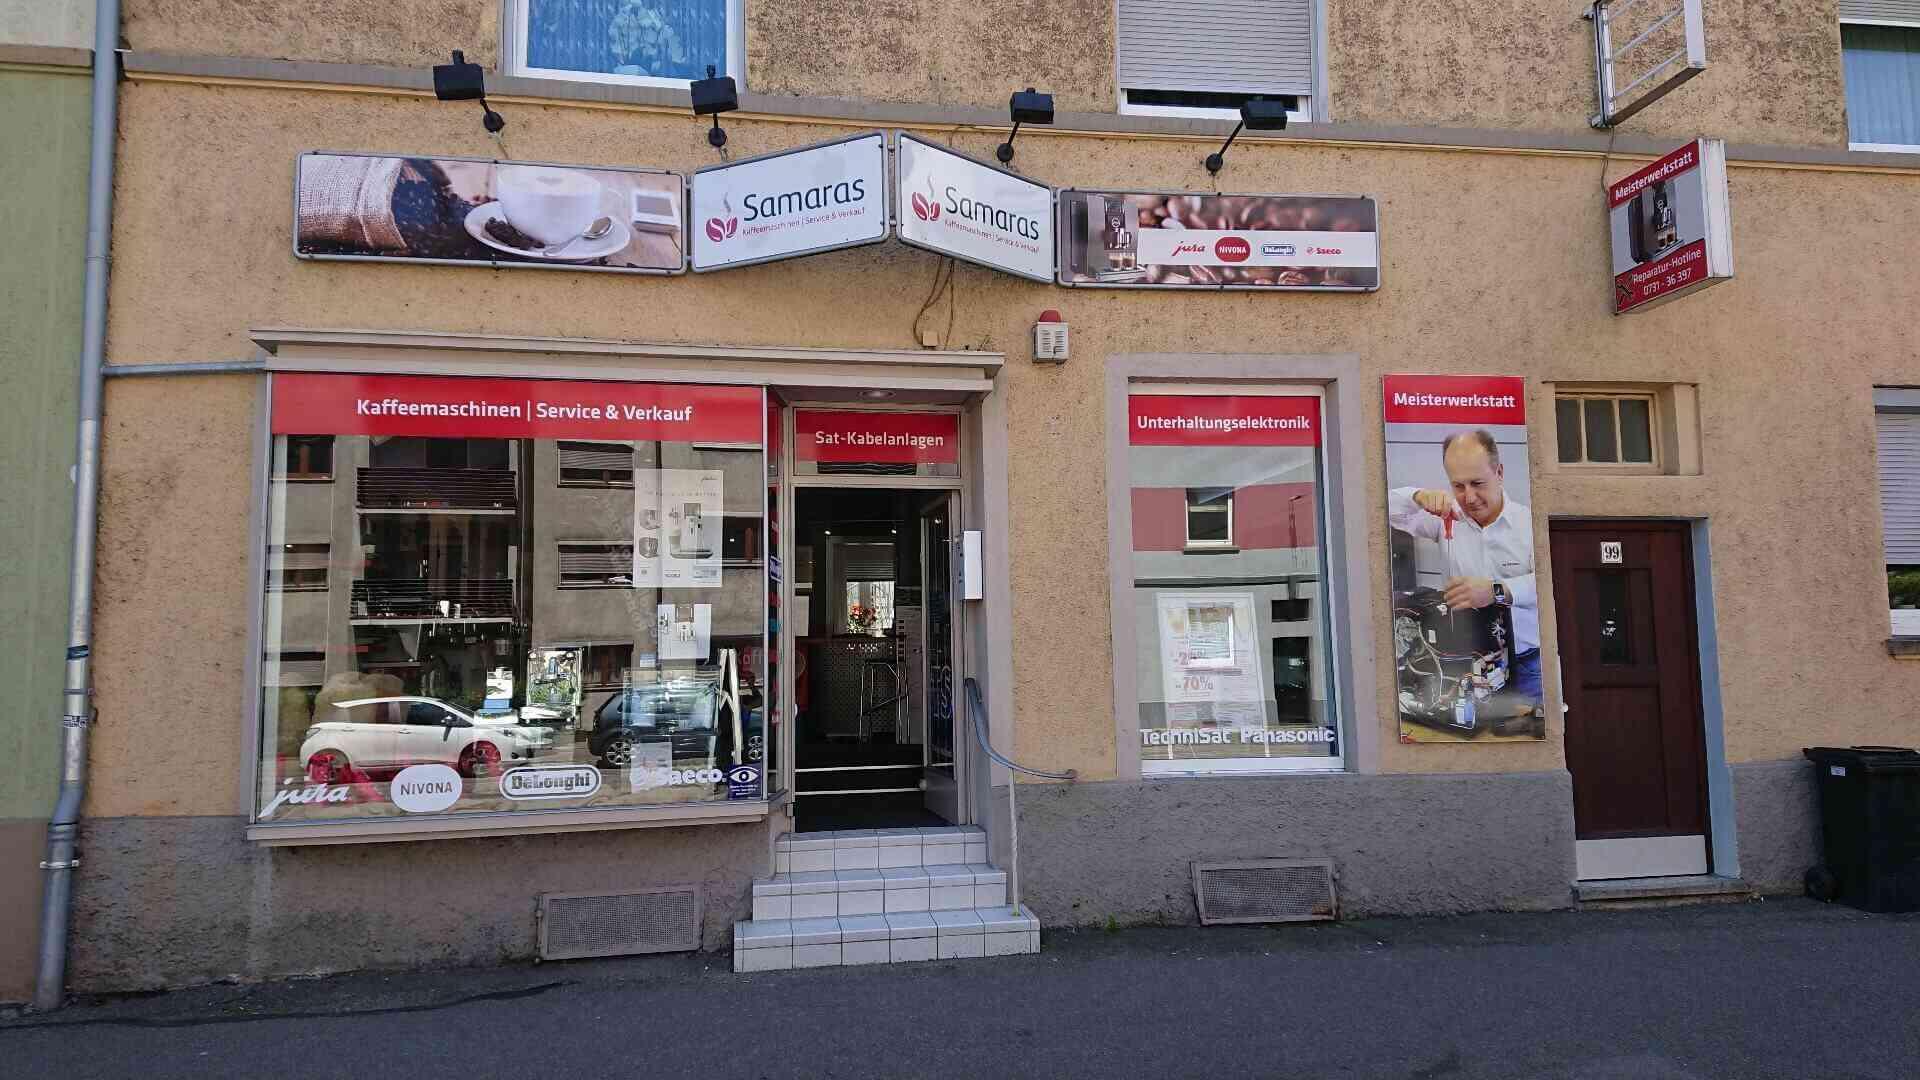 Kaffeemaschinen Reparatur Ulm Euronics Samaras